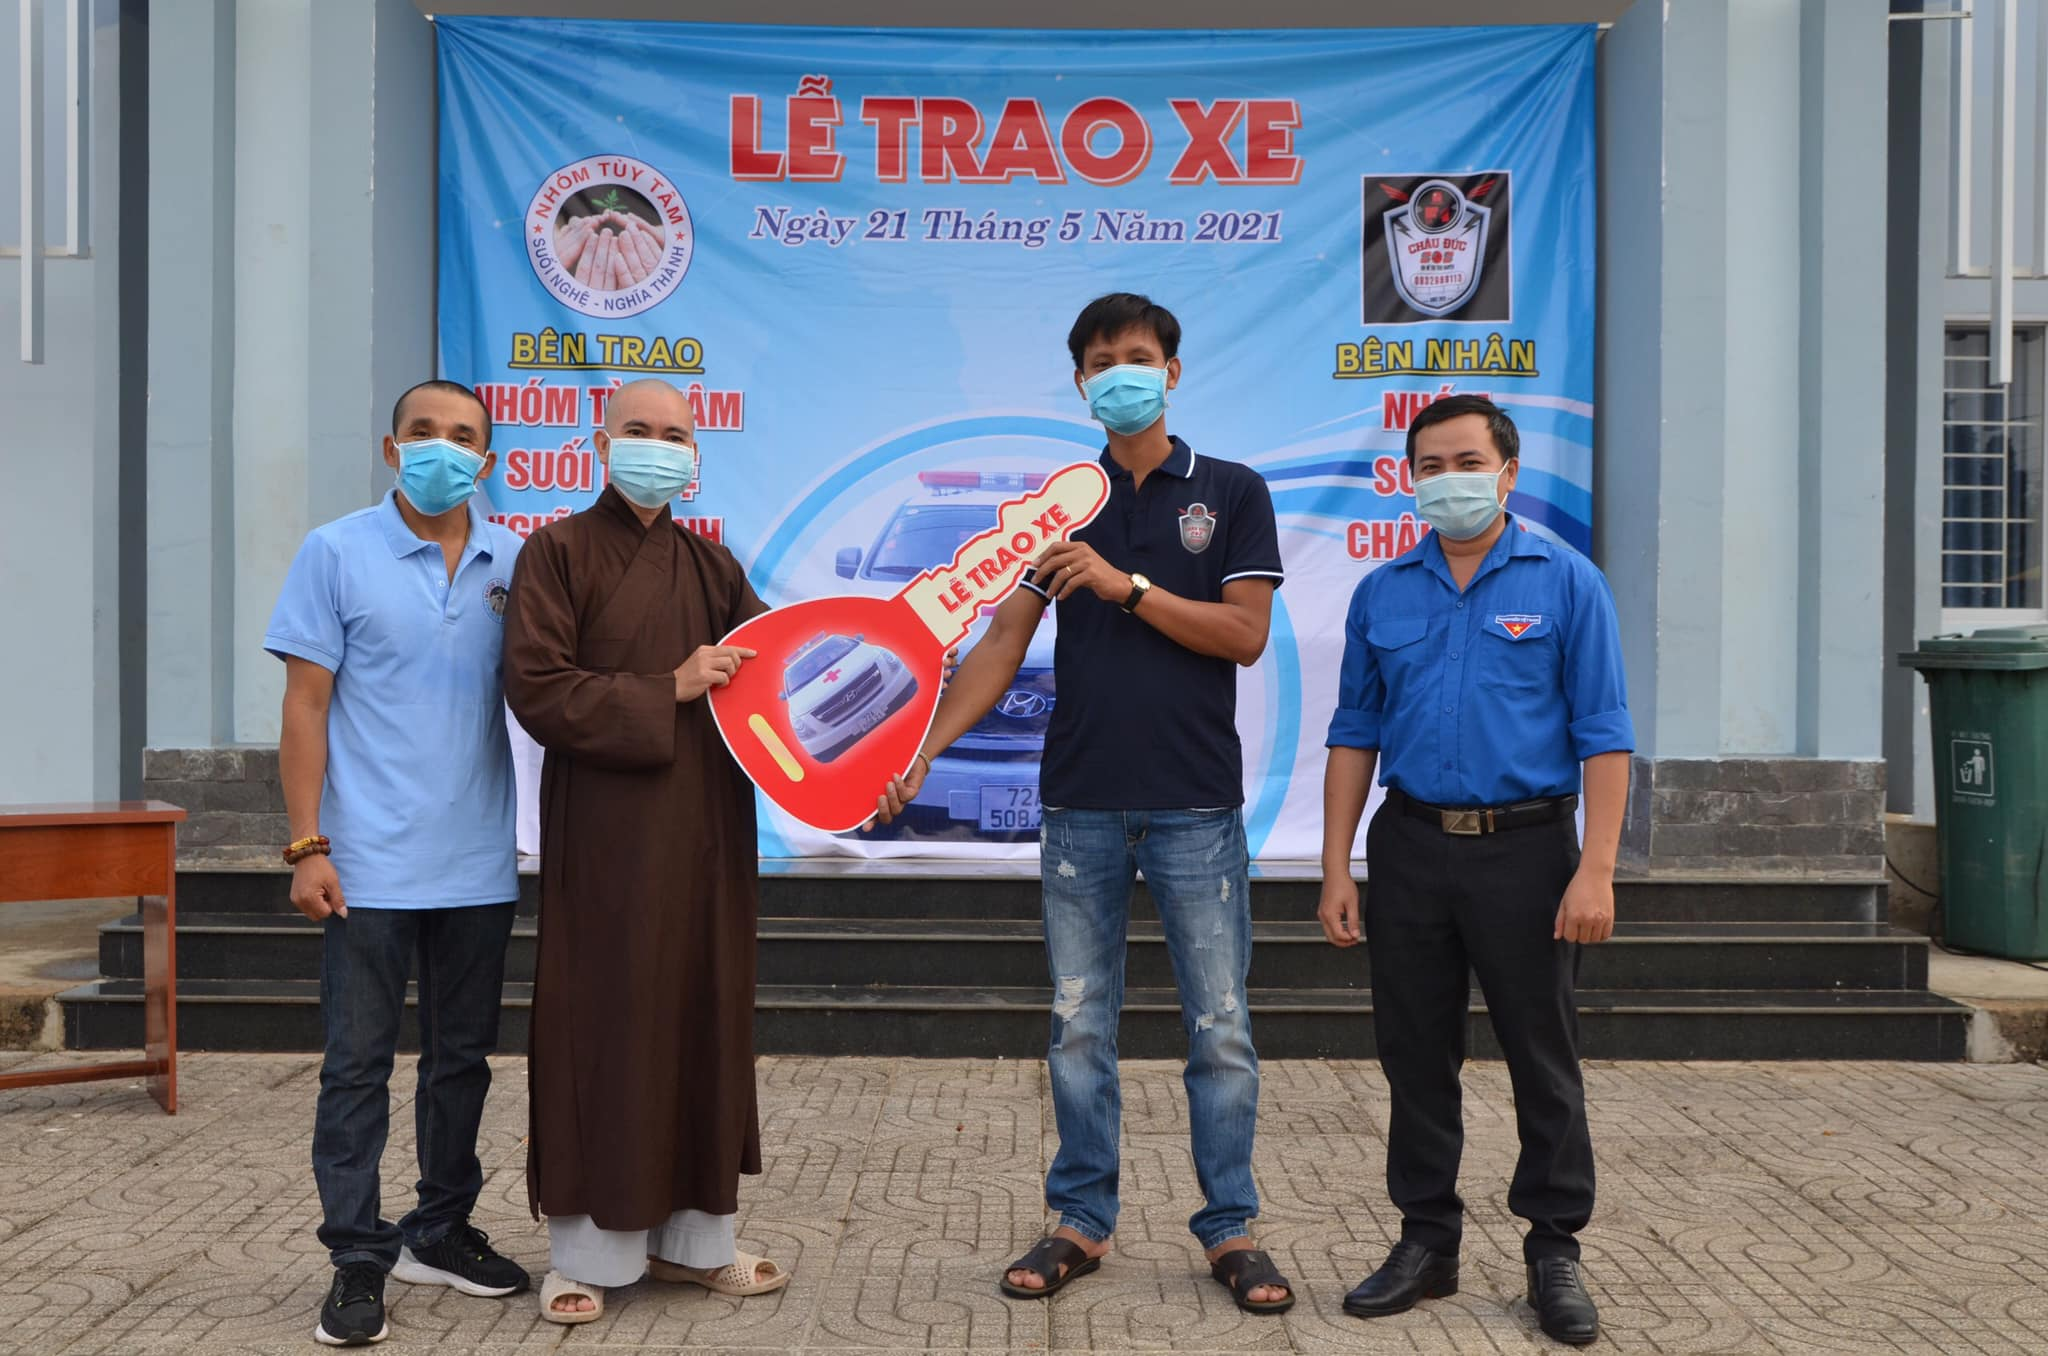 Nhóm thiện nguyện Tùy Tâm trao tặng xe cứu thương chuyên dụng cho nhóm SOS F1 Châu Đức